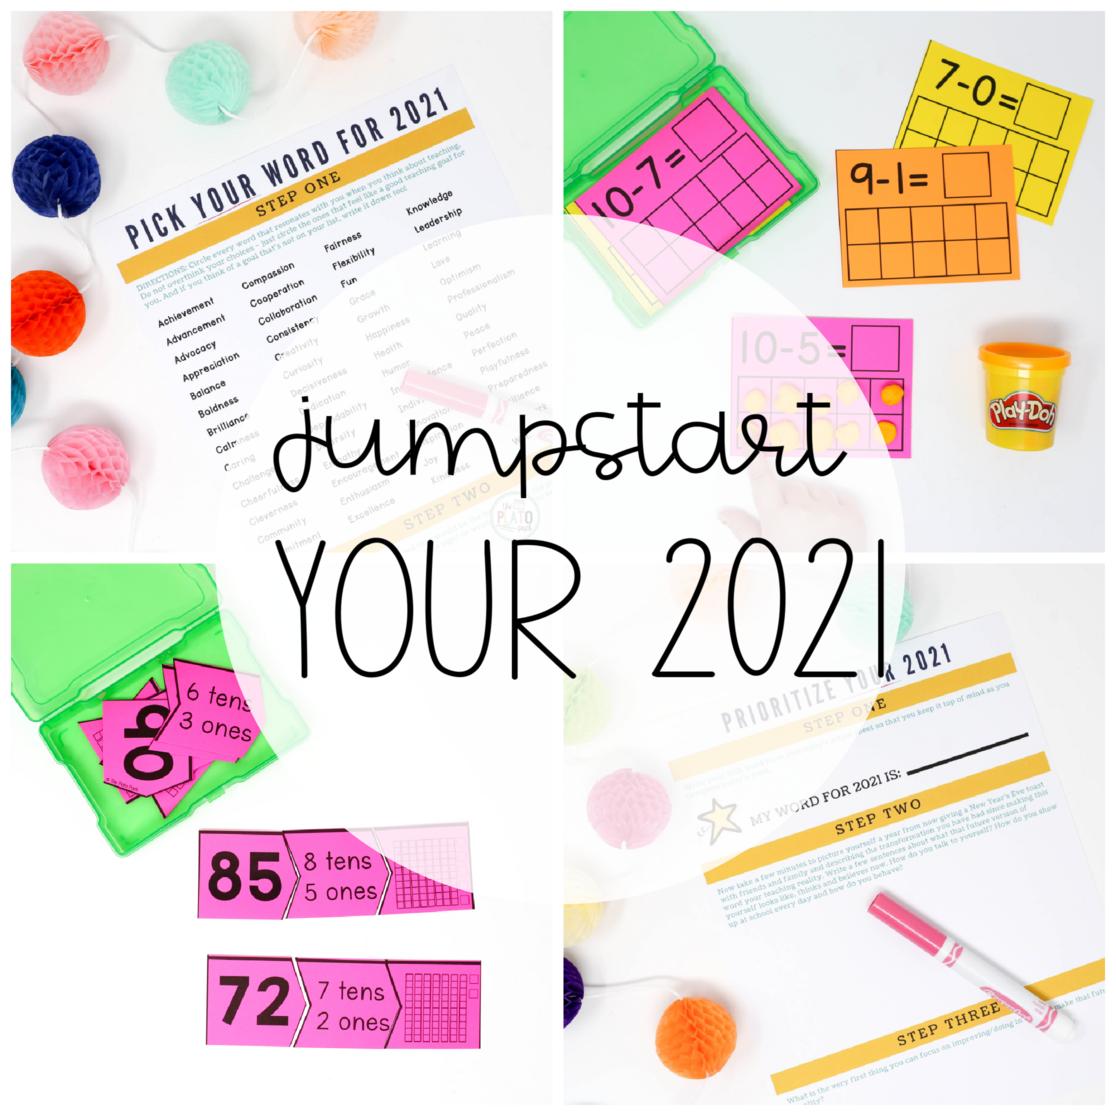 Jumpstart Your 2021